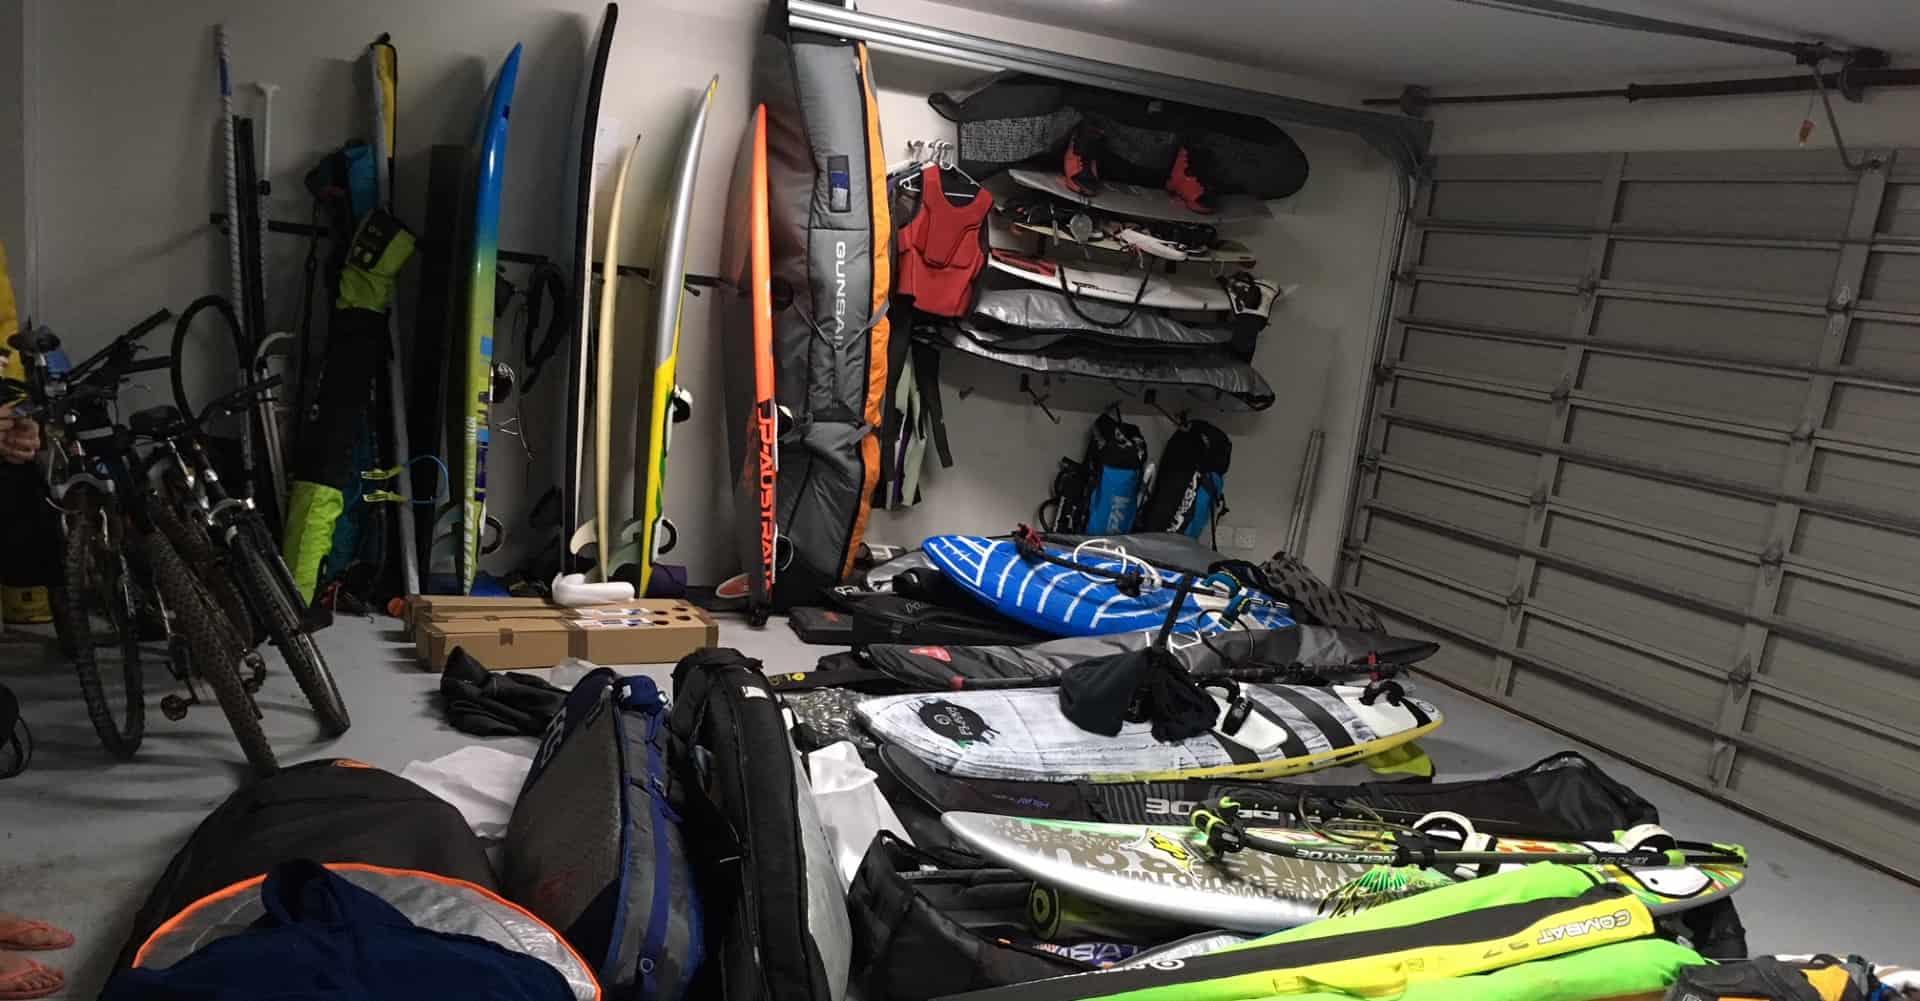 Lager für Sportausrüstung wie Surfboards und Golfbags